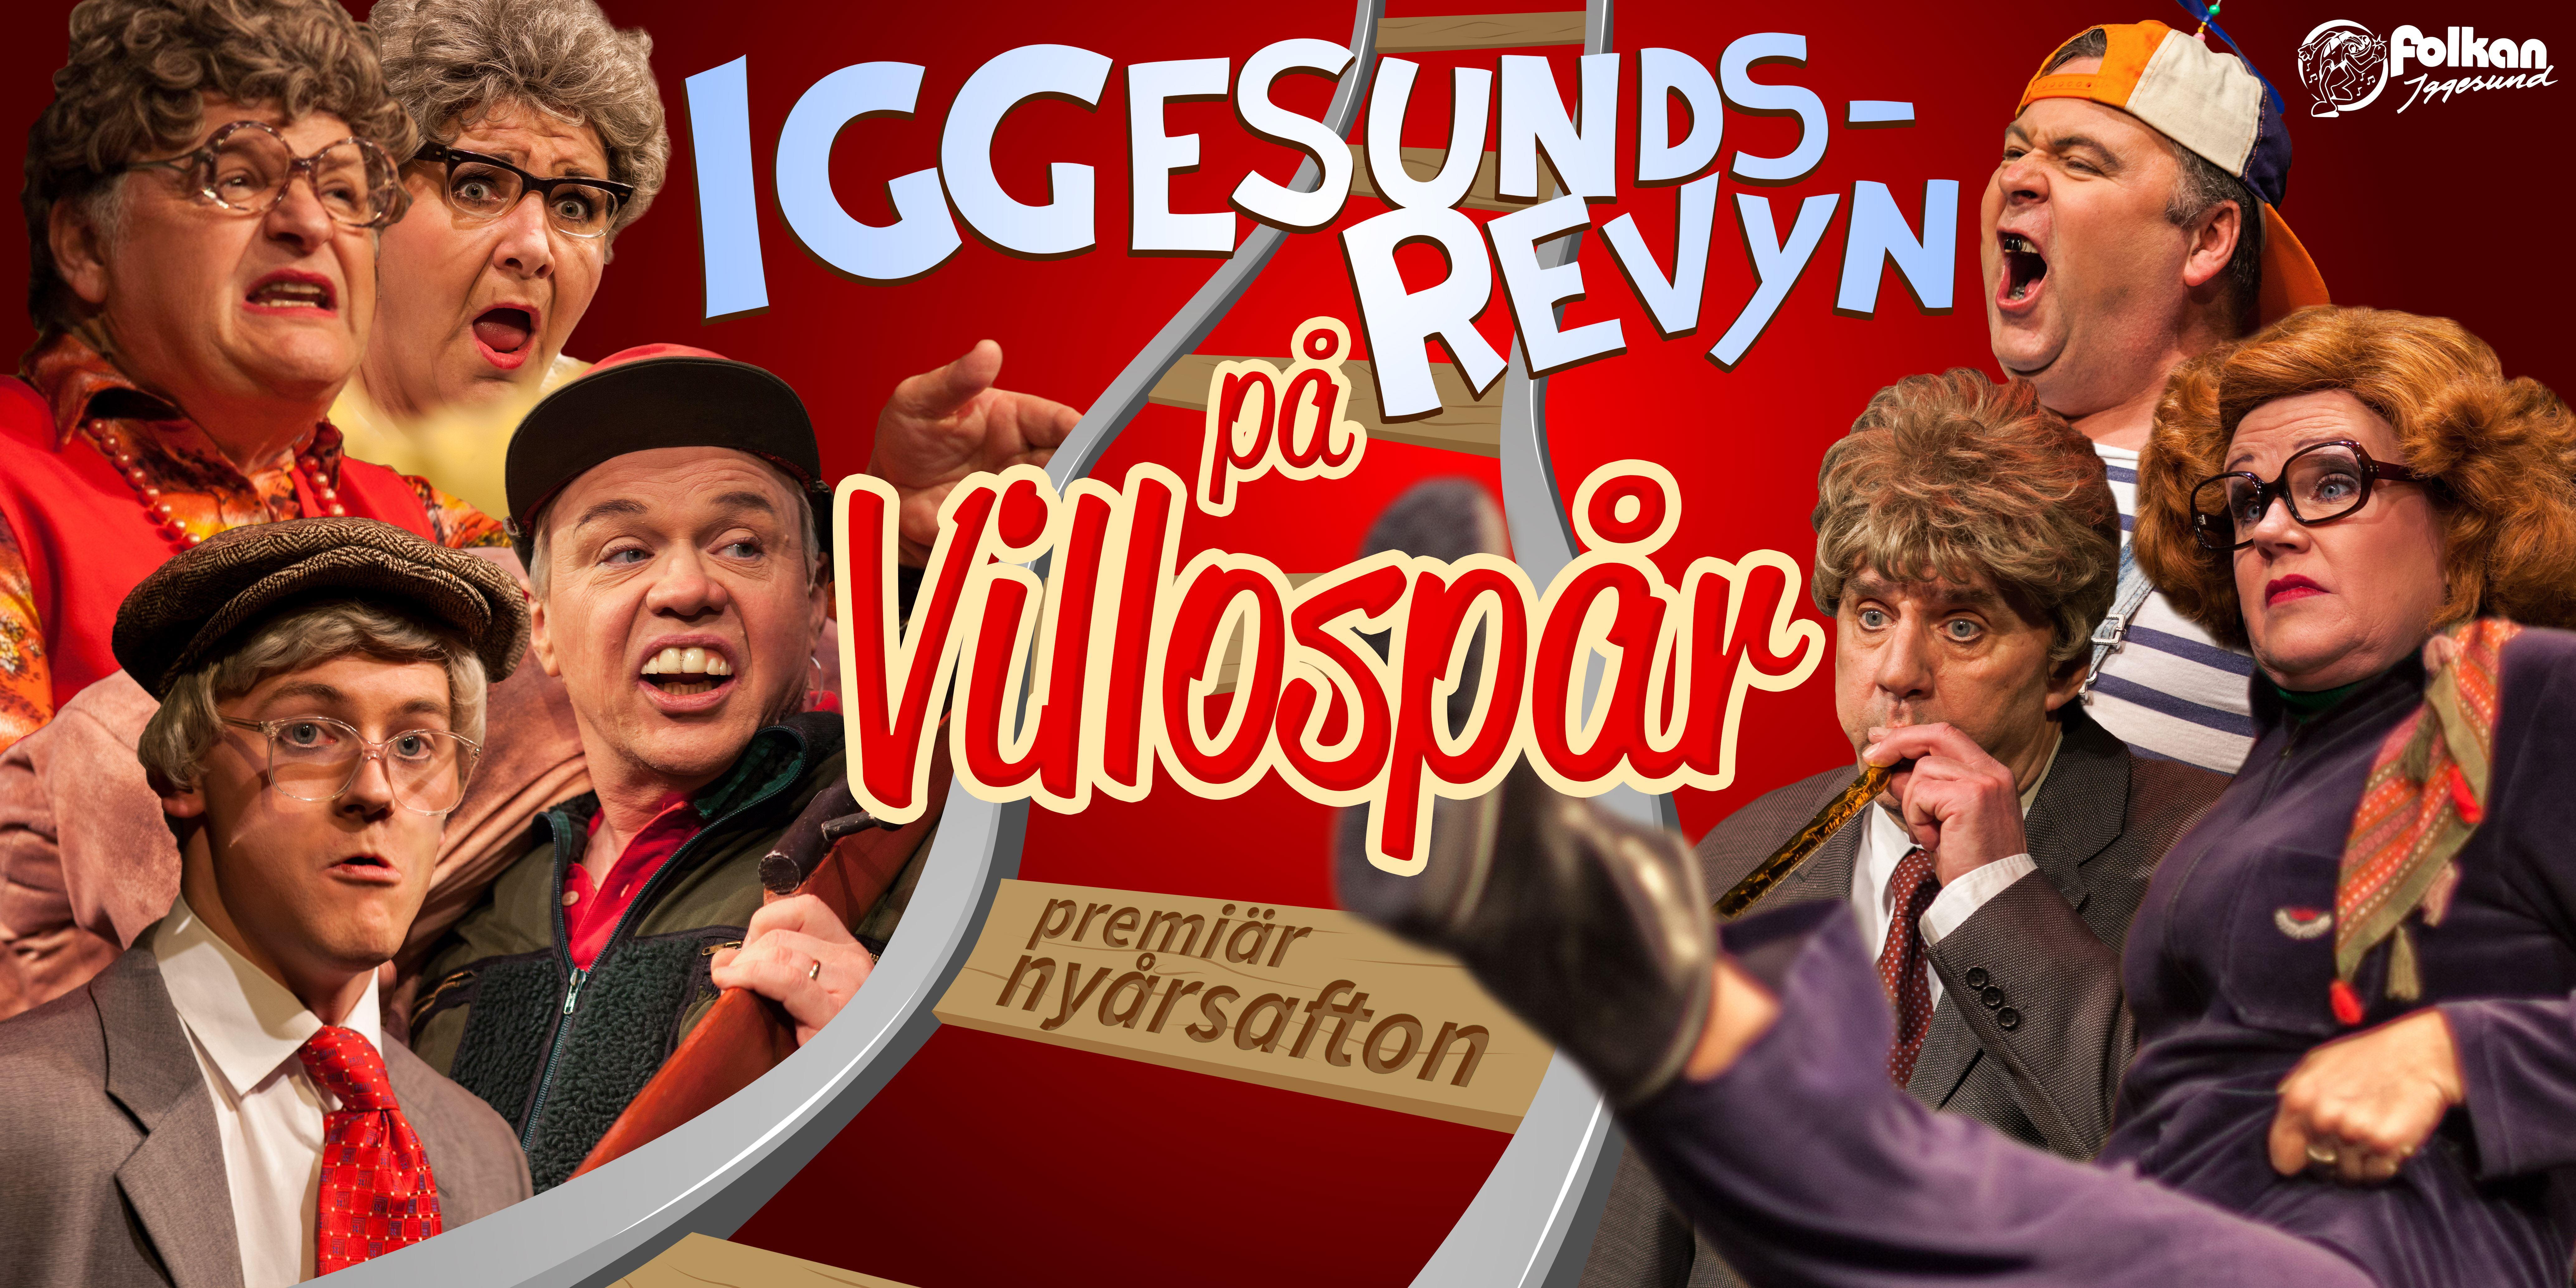 © Iggesundsrevyn, Iggesundsrevyn 2017 - På Villospår